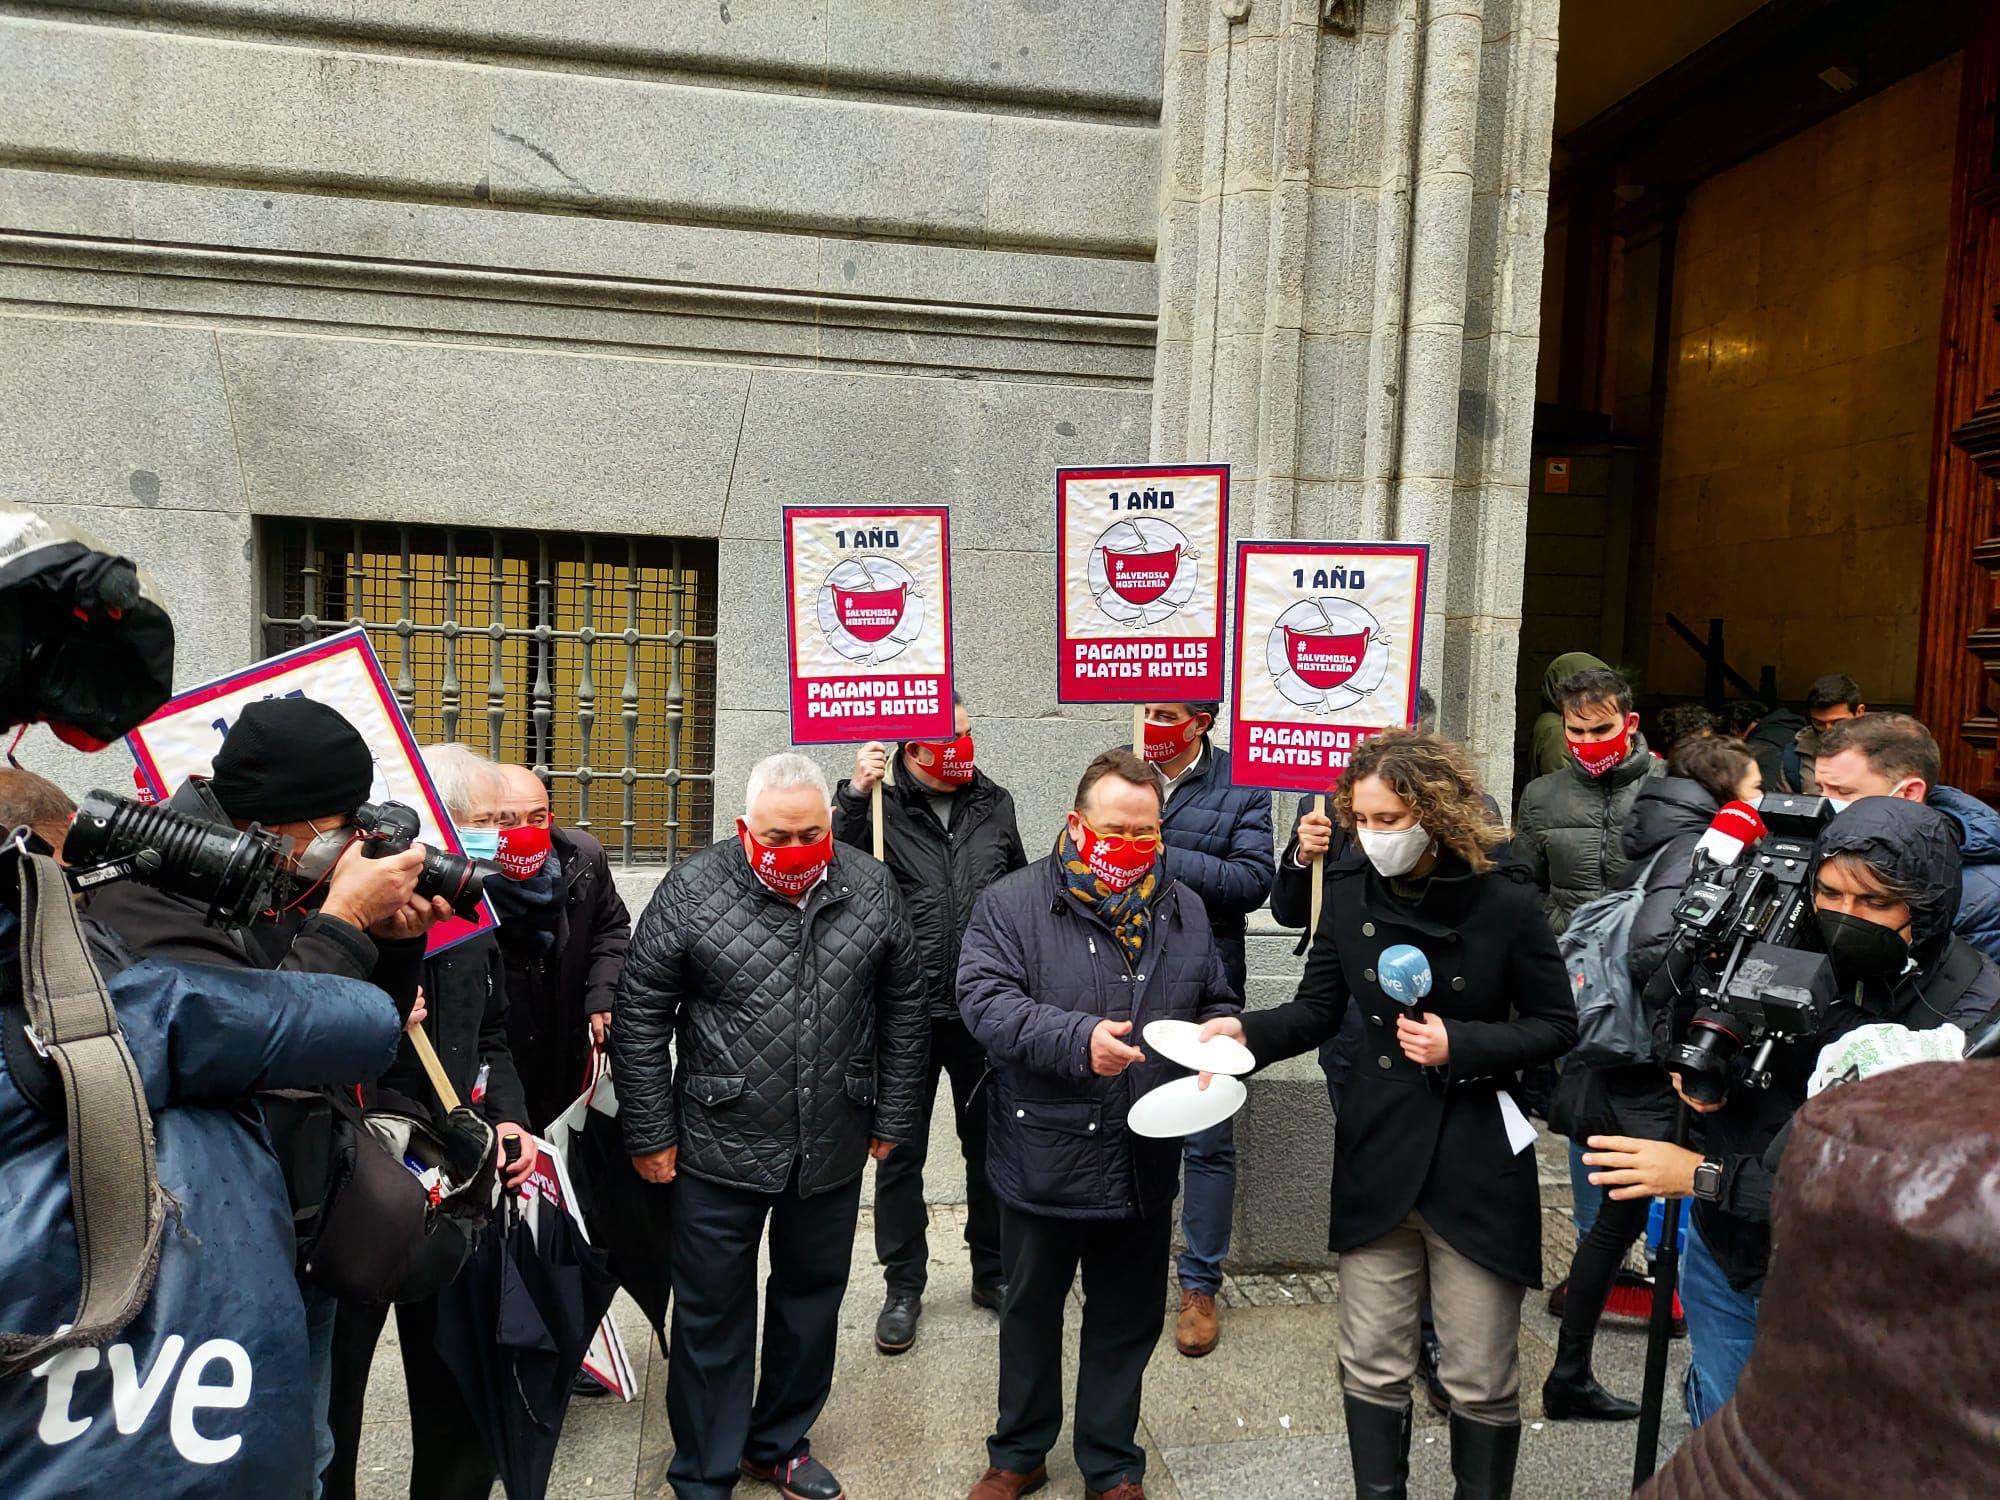 La Hostelería protesta frente al Ministerio de Hacienda reclamando las ayudas que no llegan a las empresas - La Viña